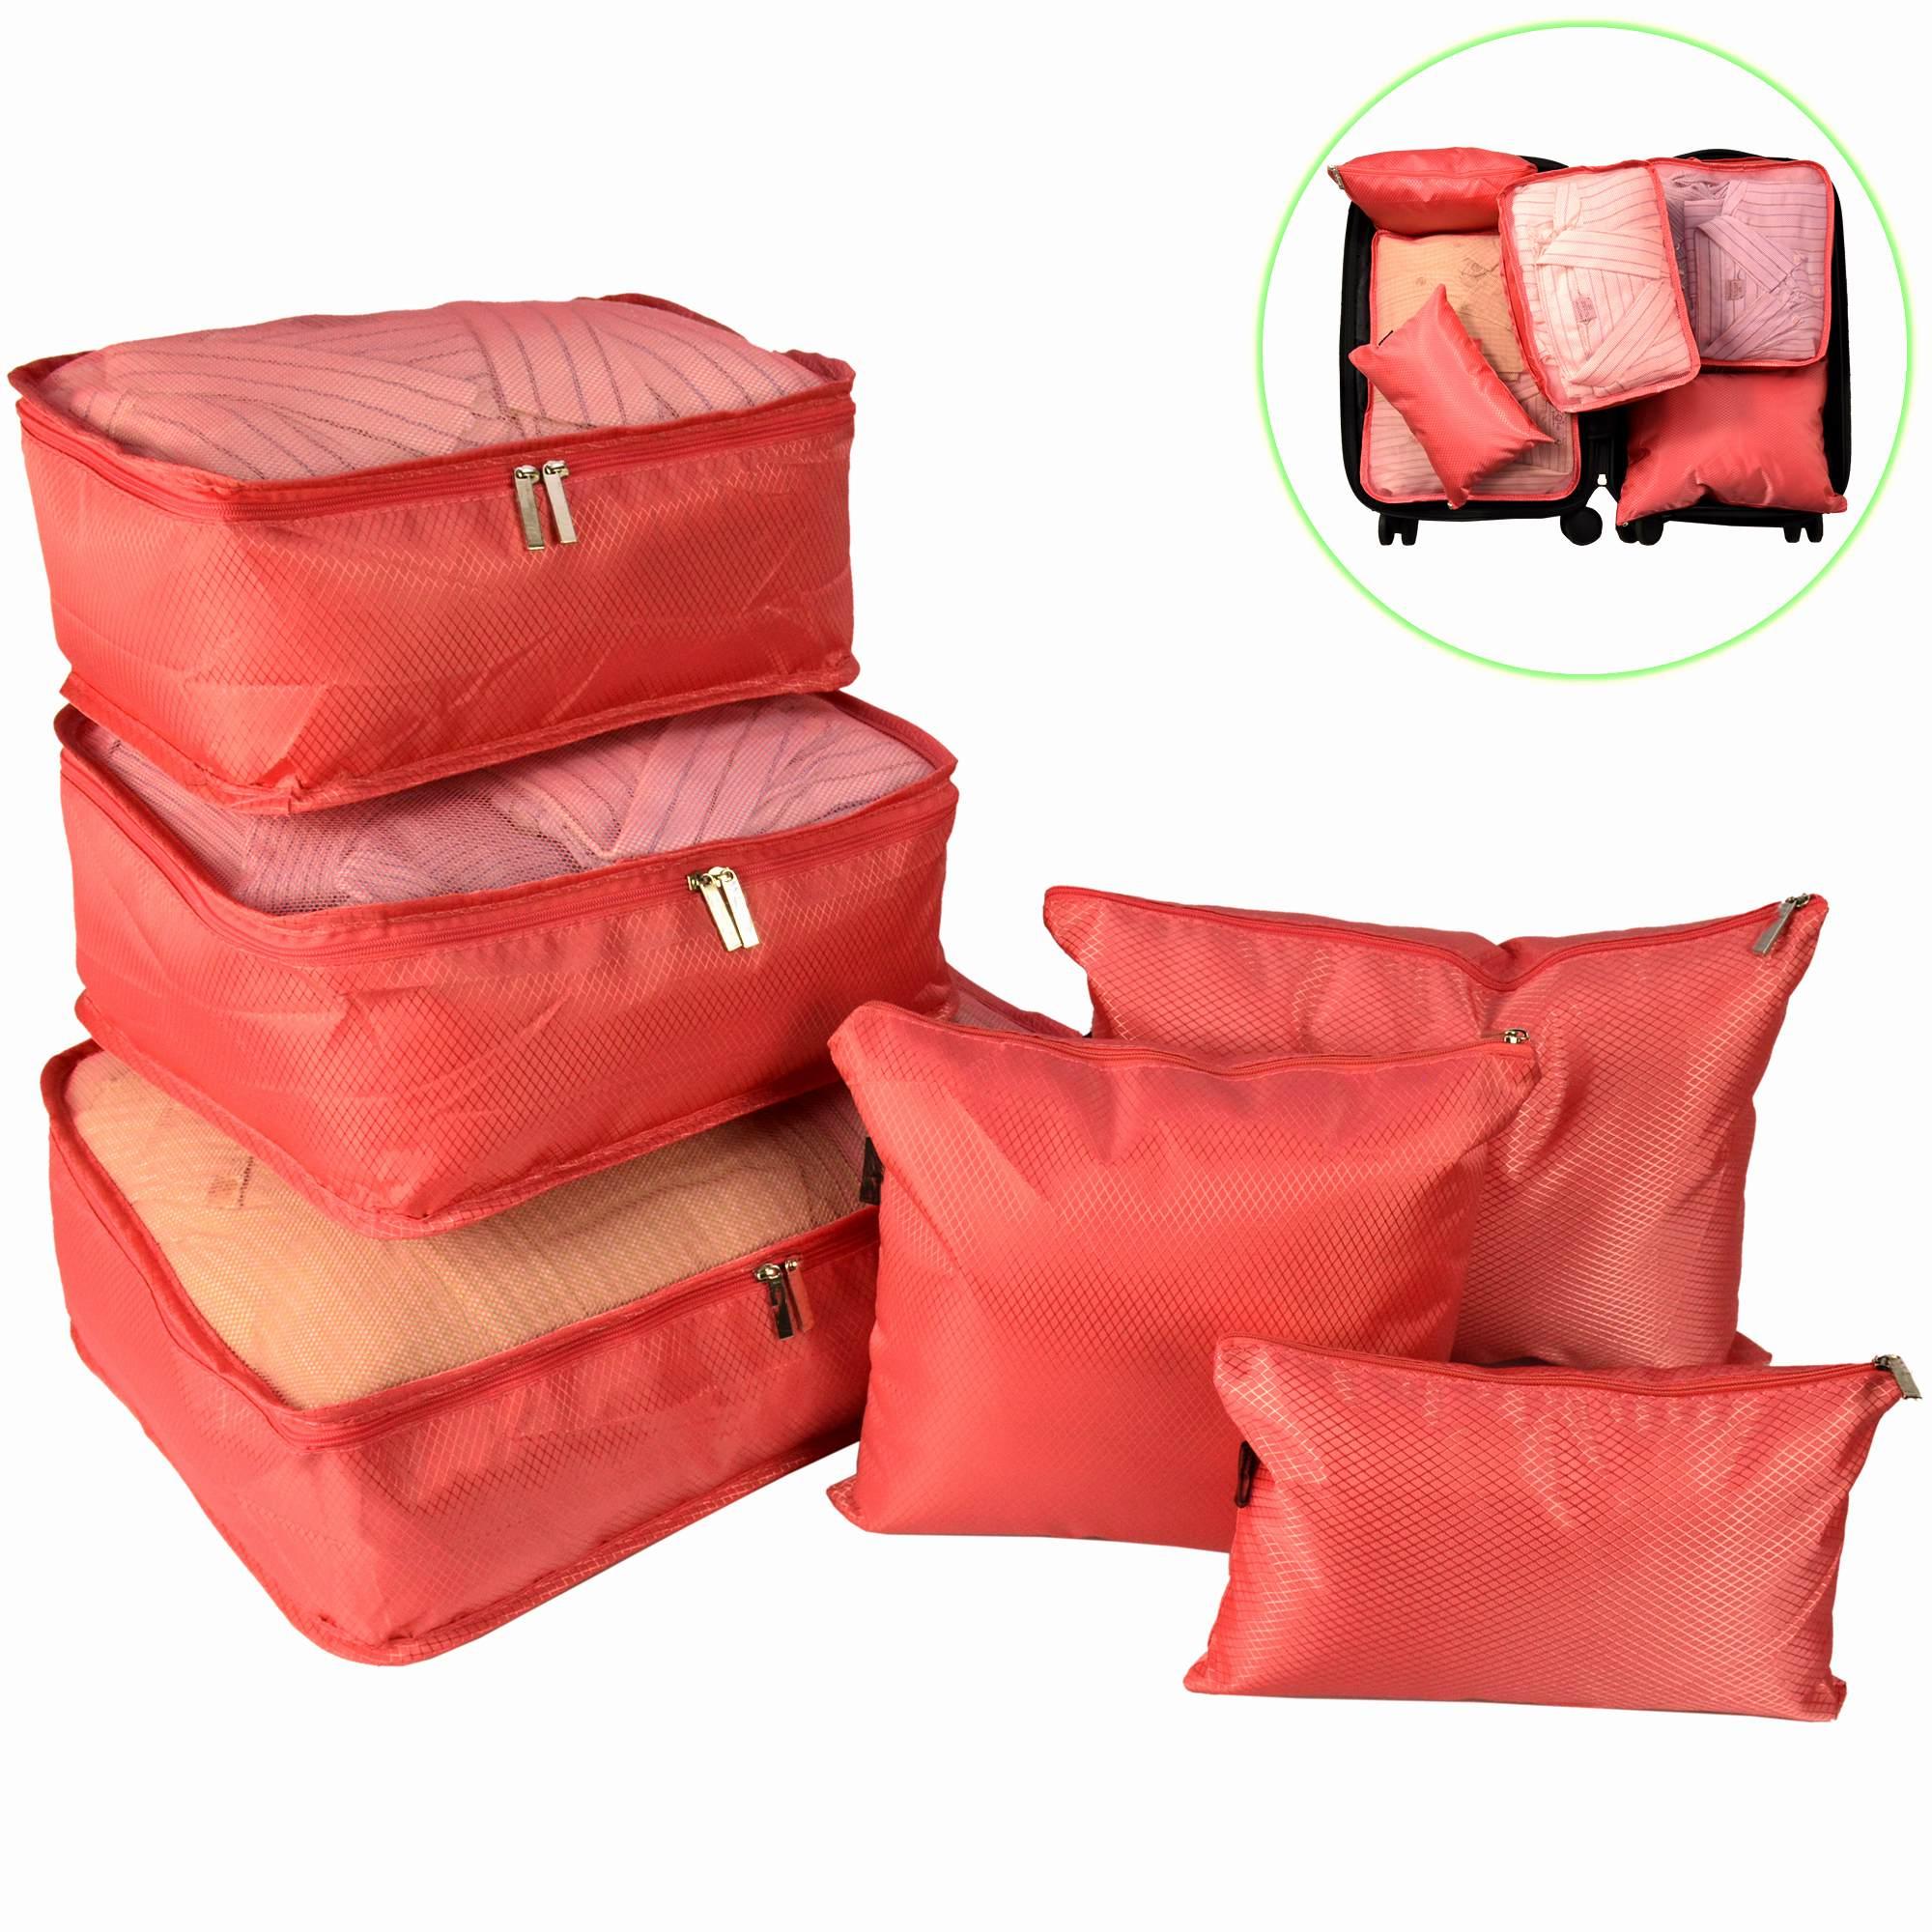 Organizador de Mala Viagem Necessaire Kit 6 Peças Rosa CBRN12763